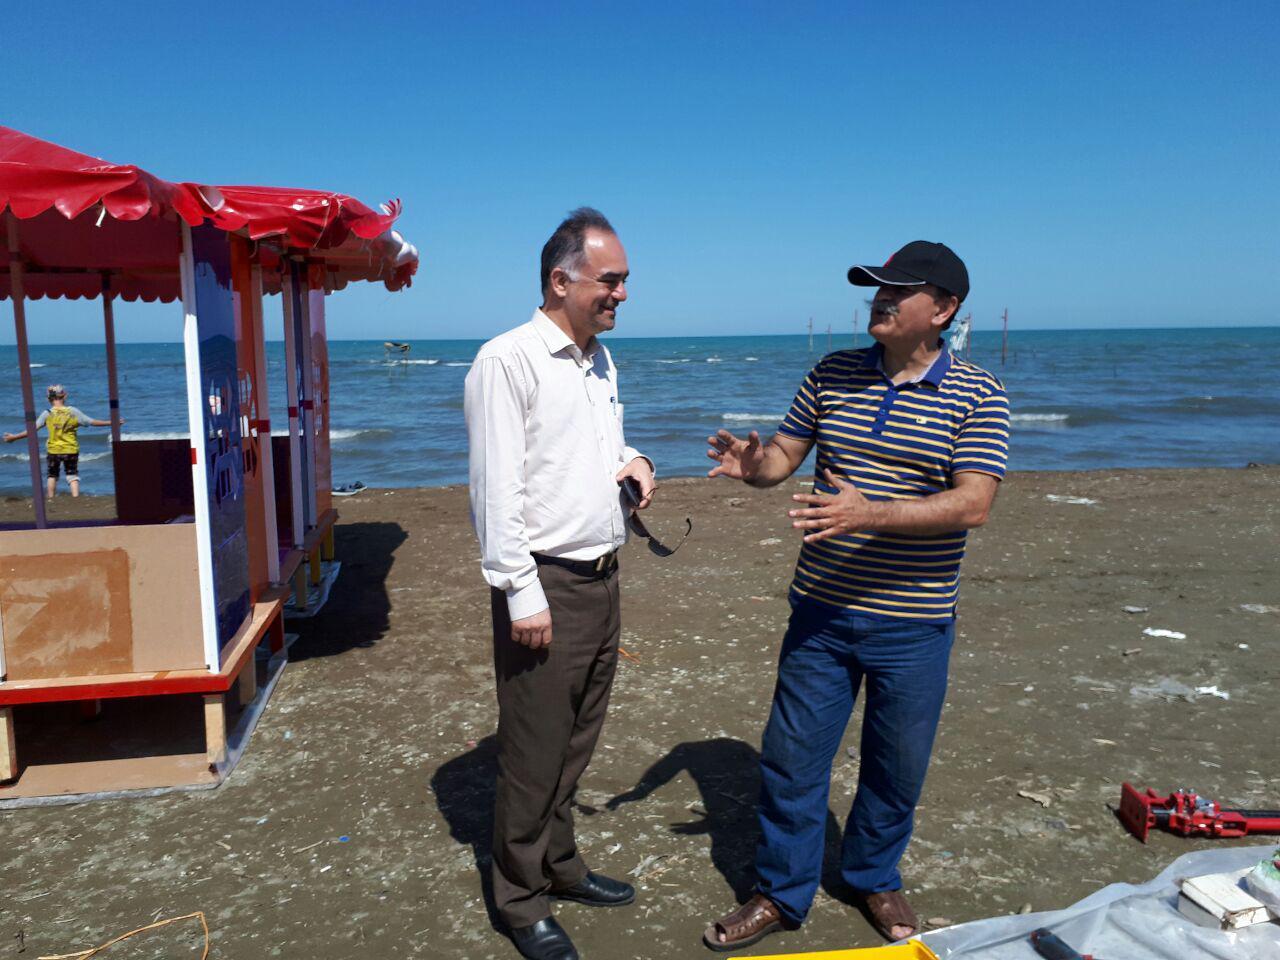 تامین امنیت جانی گردشگران ساحلی از اولویت های ستاد ساماندهی سواحل است